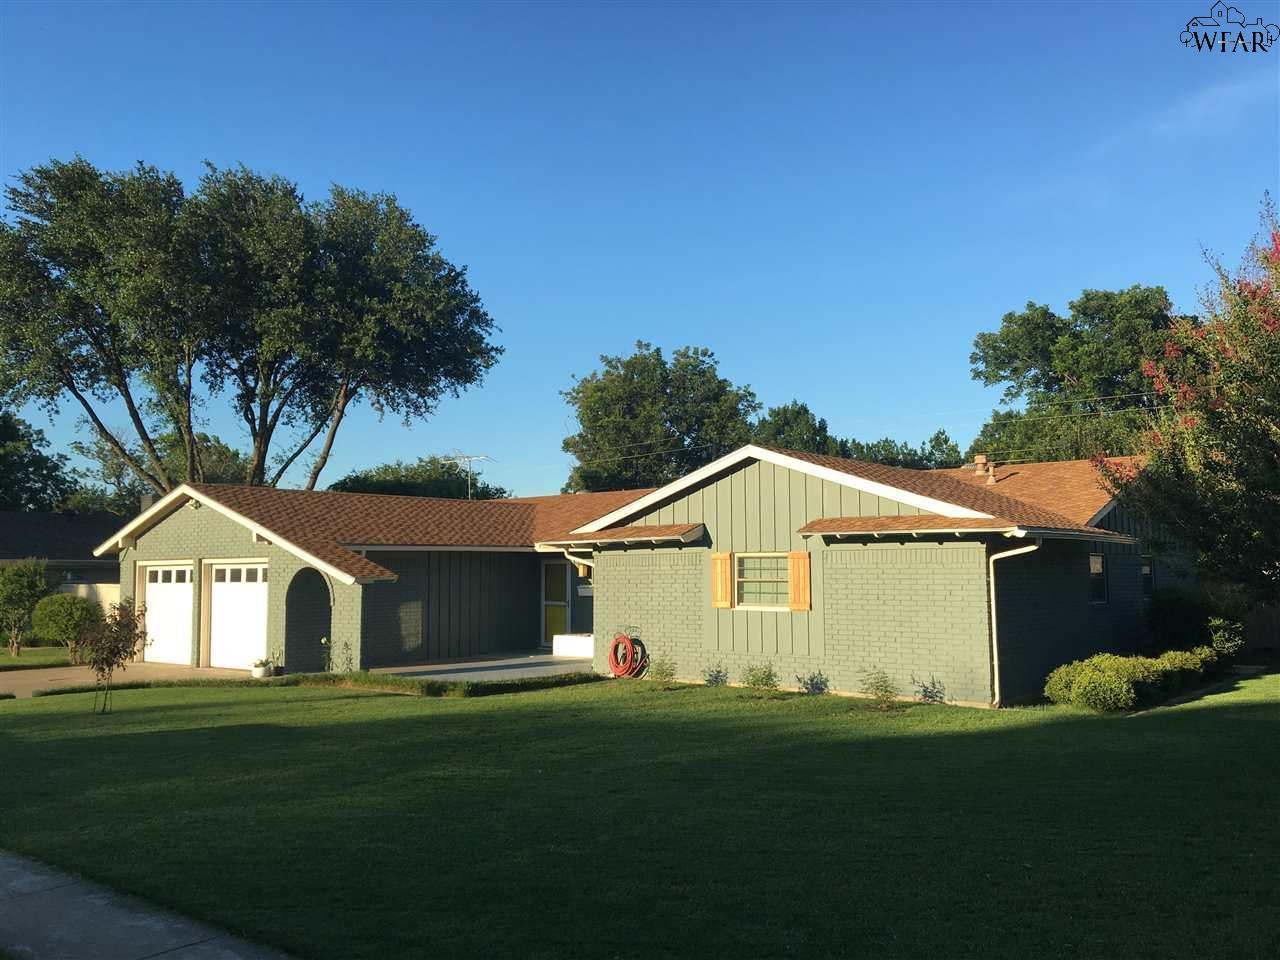 911 Easy Street, Burkburnett, TX 76354